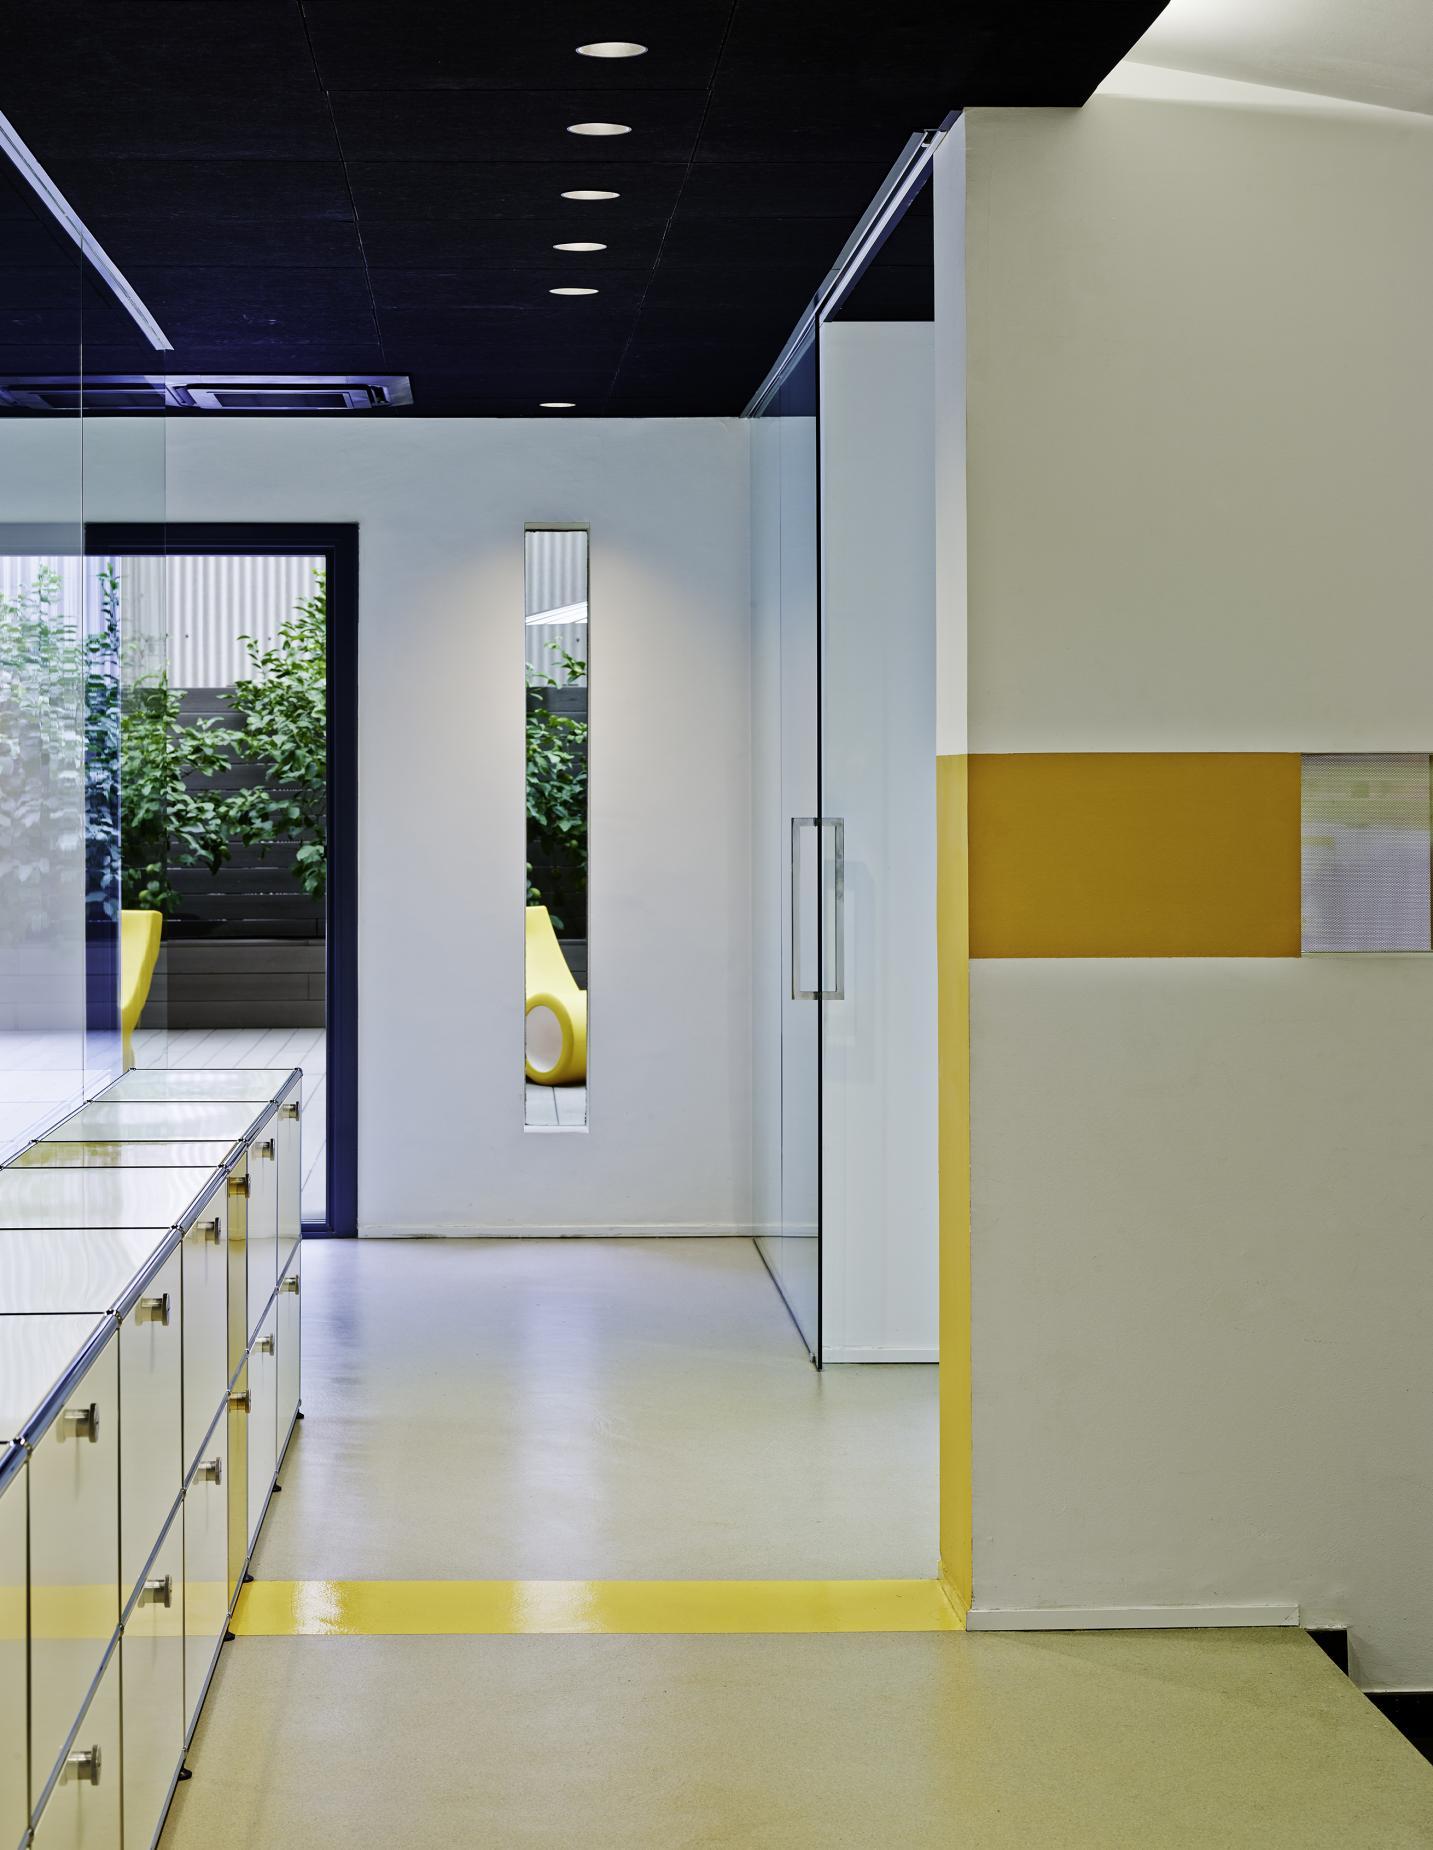 Oficinas lk bitronik vilablanch estudio de arquitectura for Oficinas barcelona